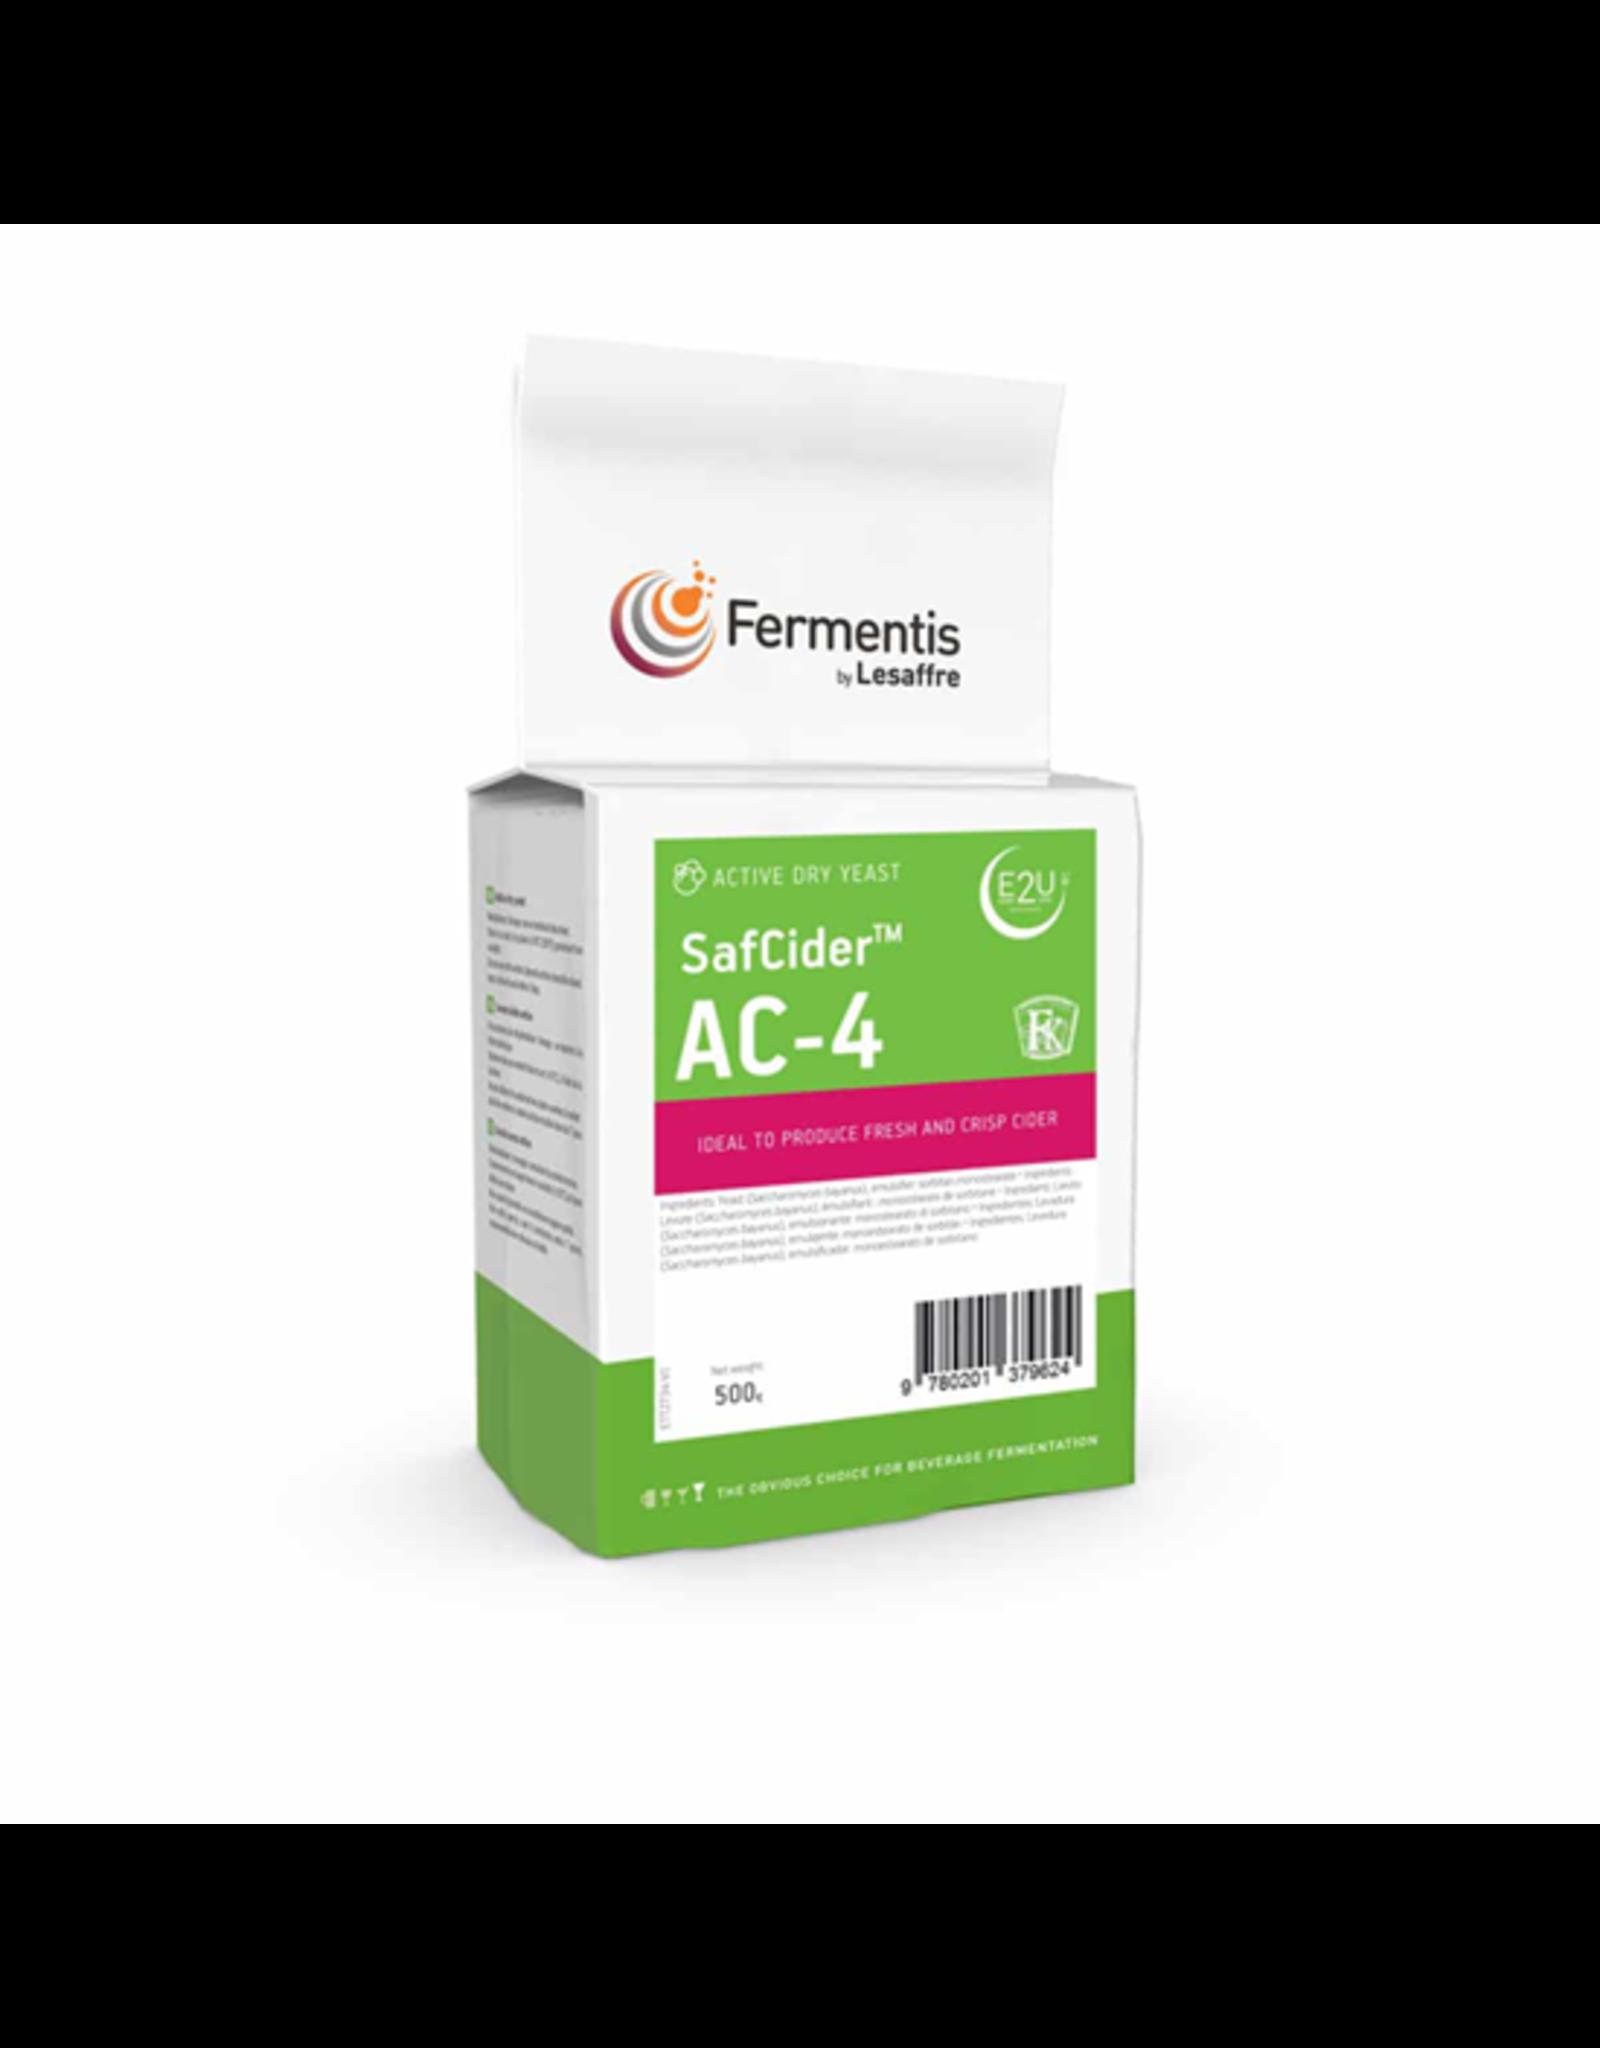 FERMENTIS FERMENTIS SAFCIDER AC-4 500 GRAMS